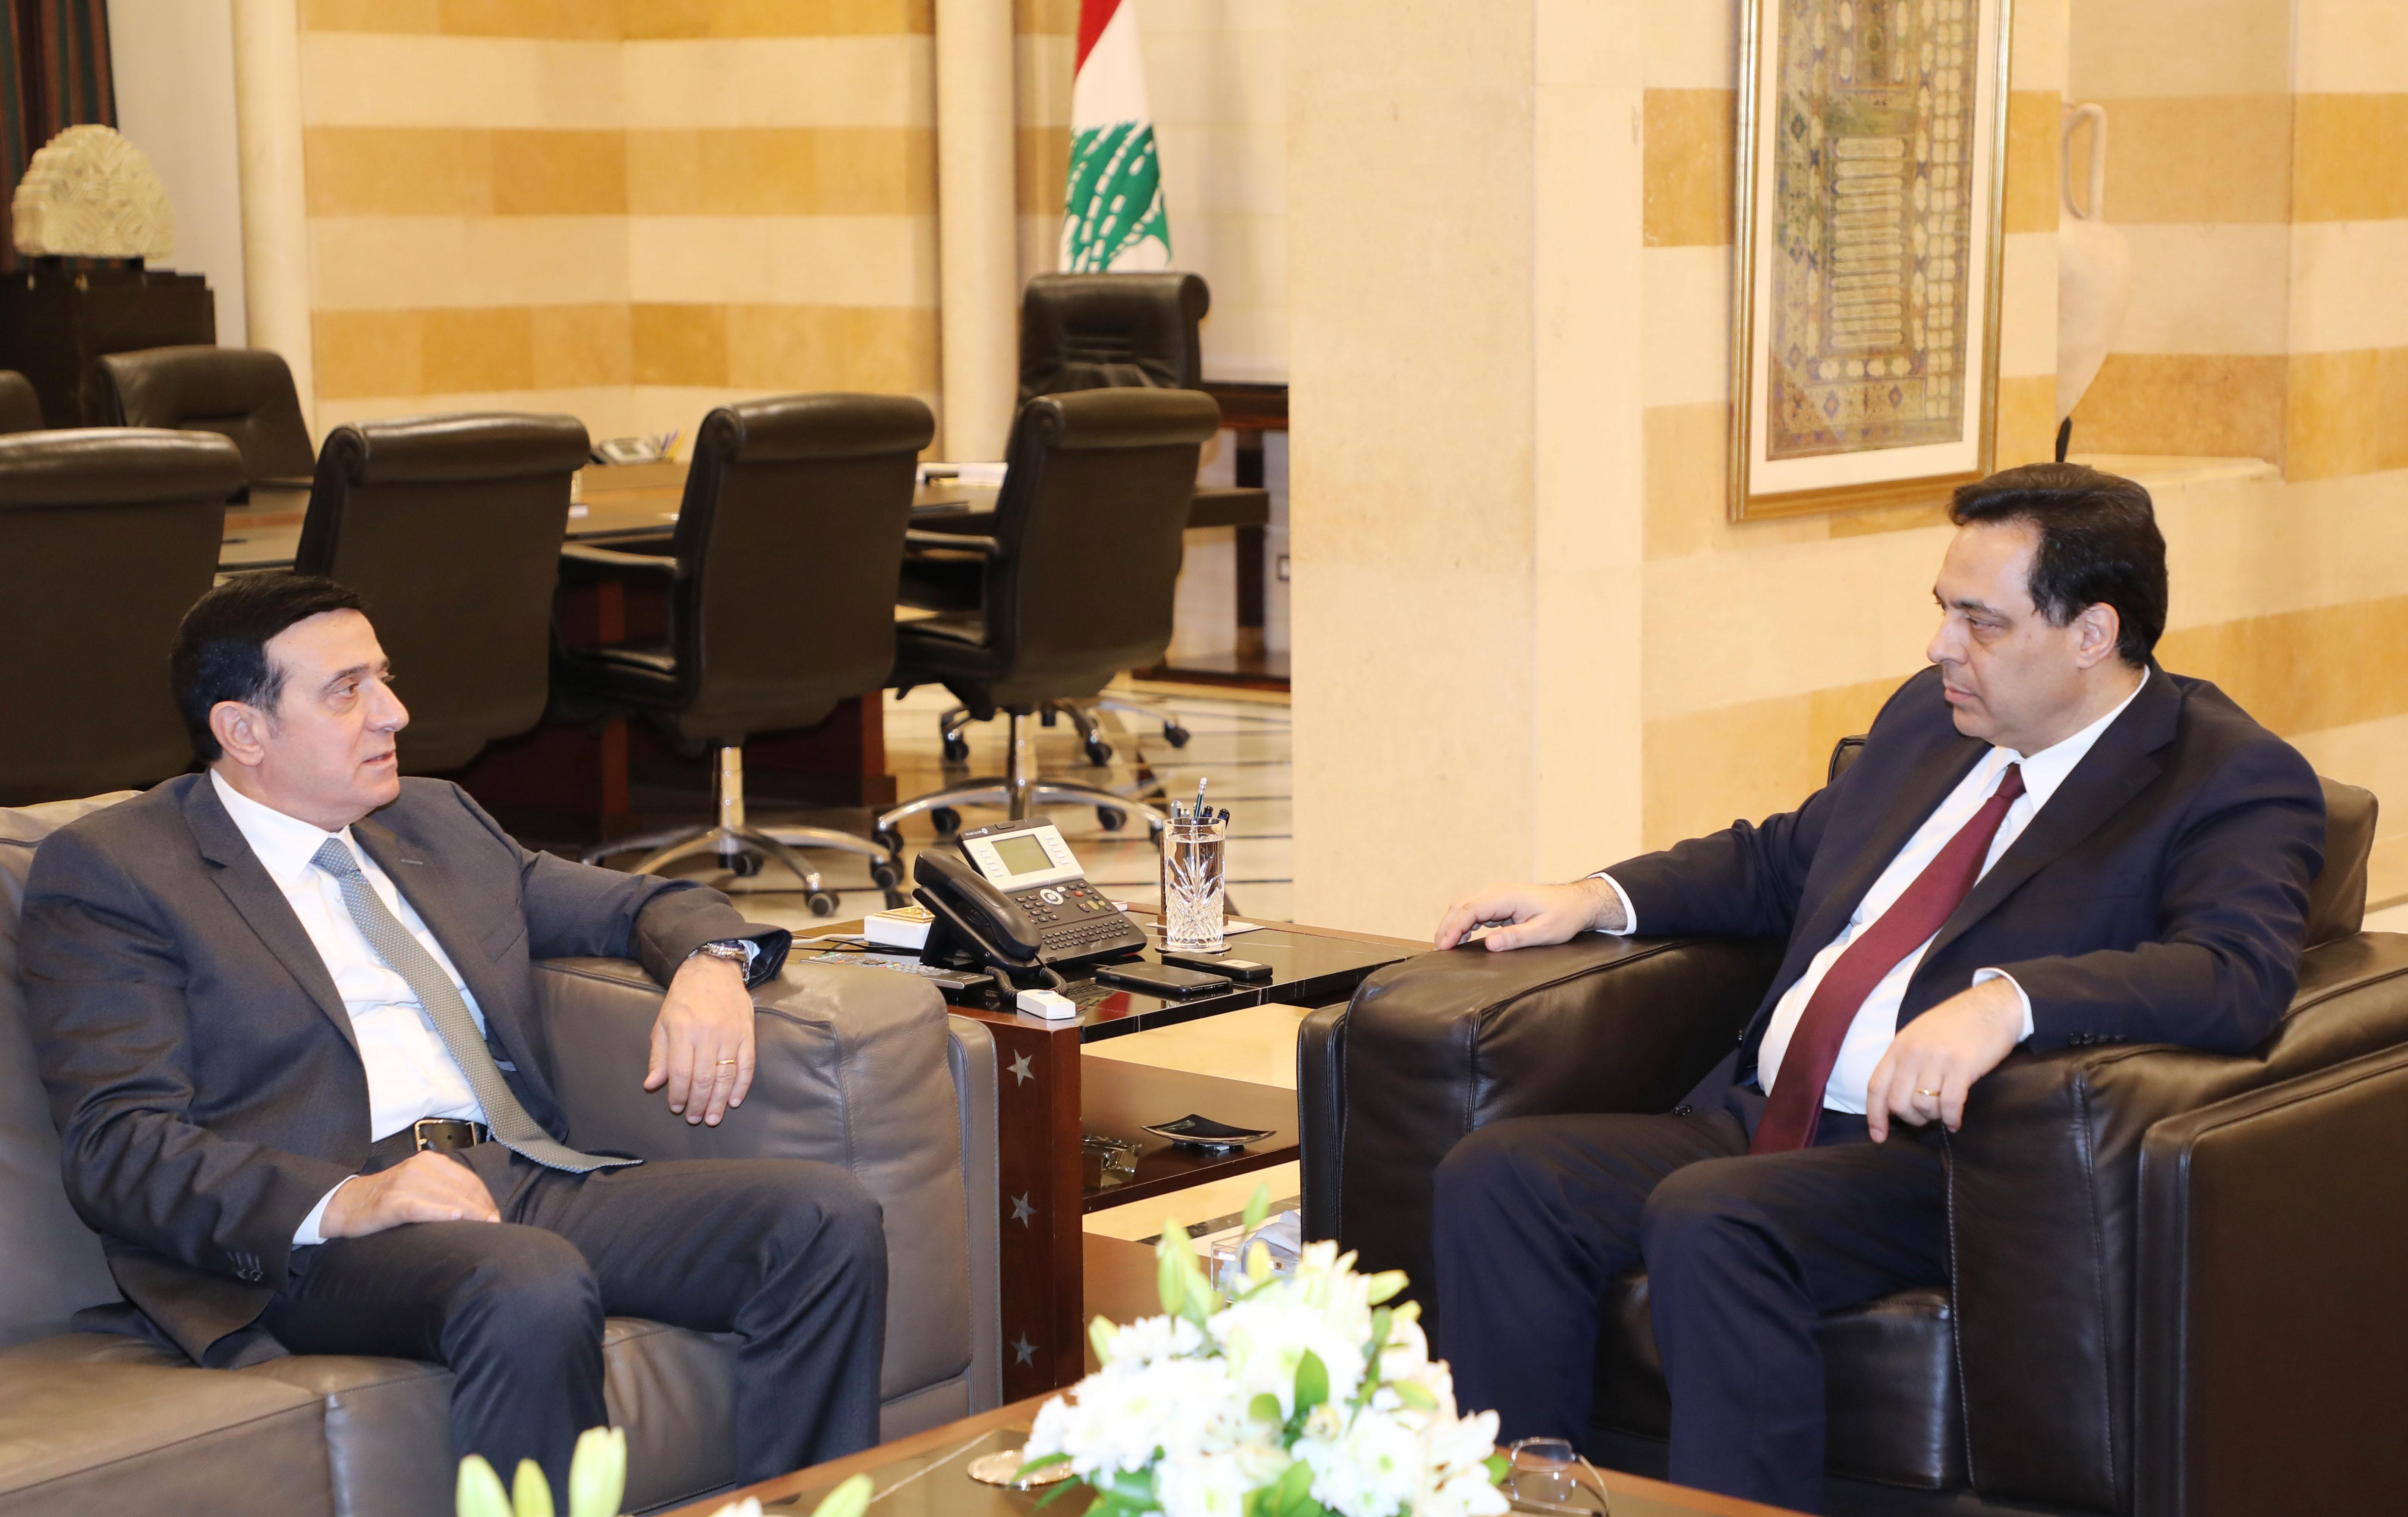 Pr Minister Hassan Diab meets Minister Michel Najjar